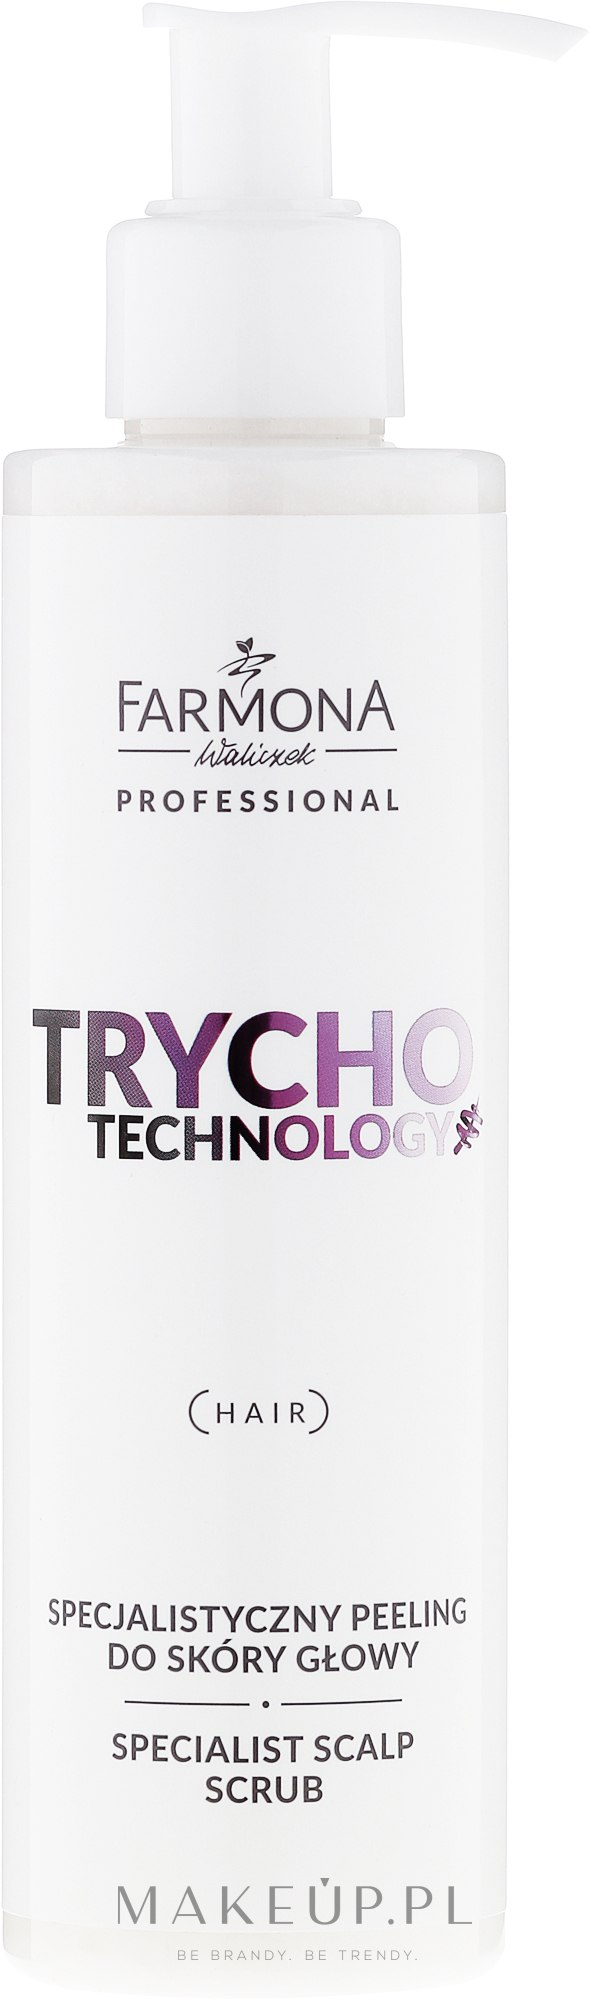 Specjalistyczny peeling do skóry głowy - Farmona Professional Trycho Technology Specialist Scalp Scrub — фото 200 ml